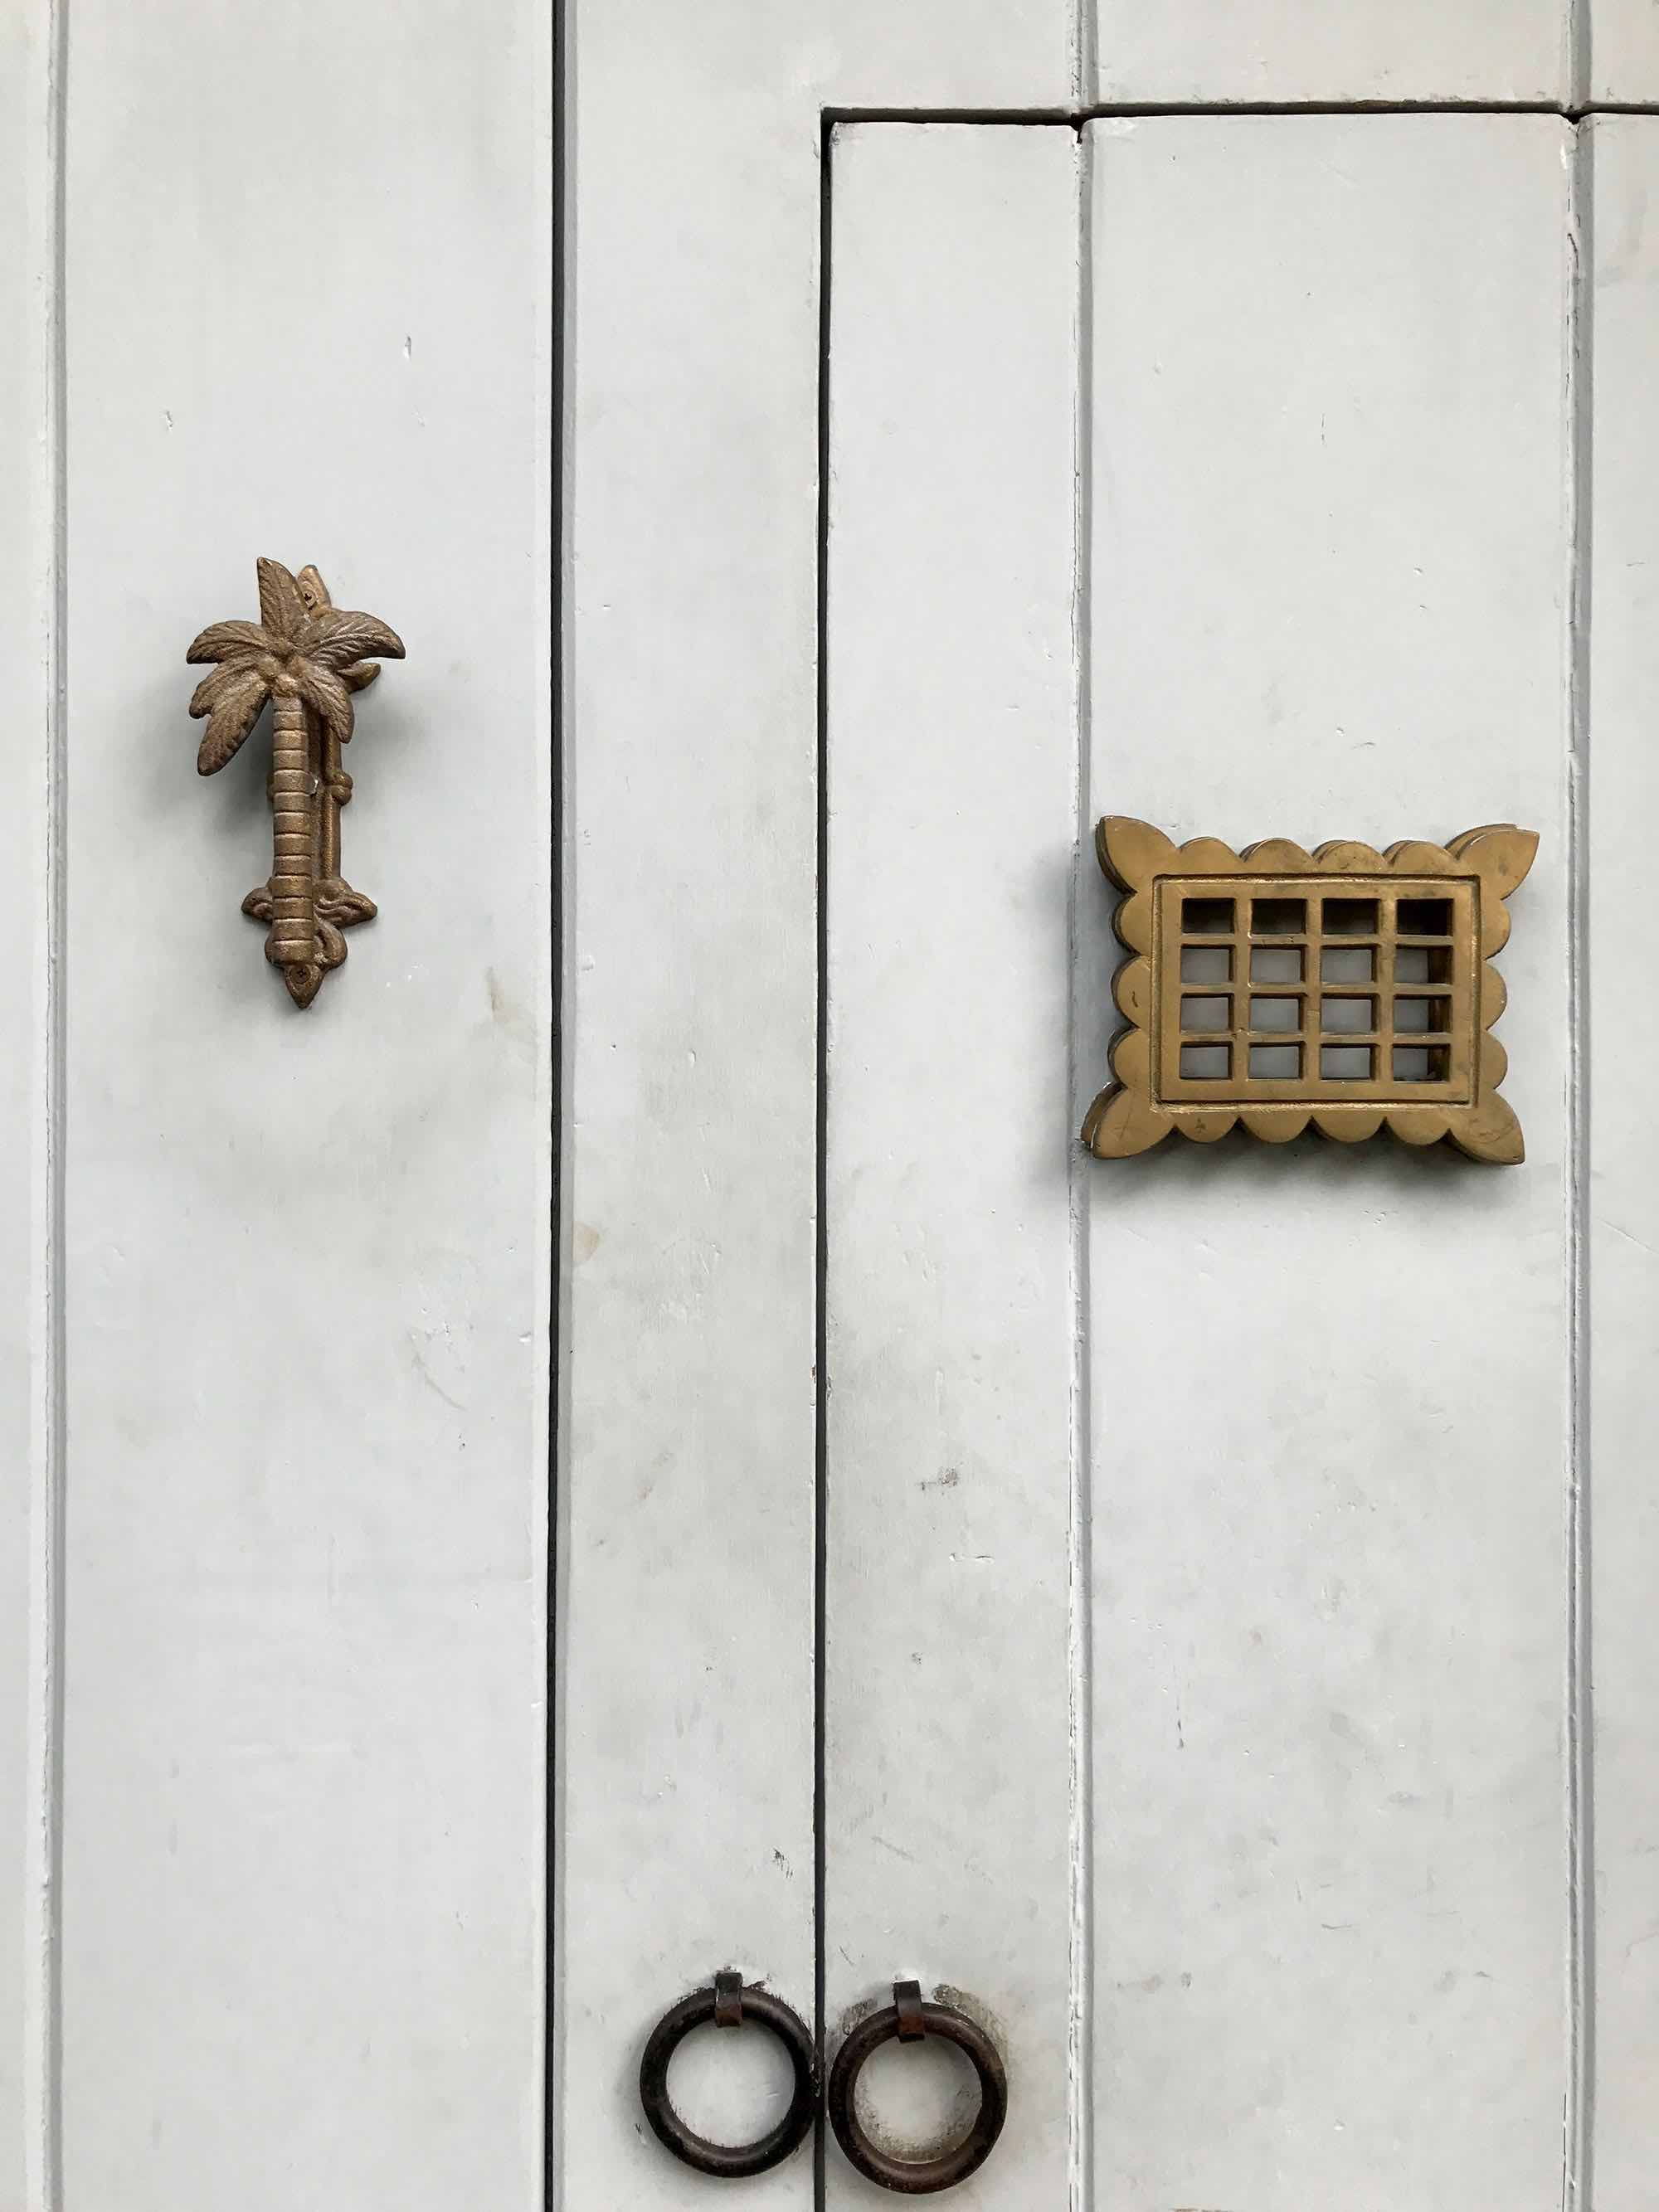 Palm tree door knocker | Doors and Door Knockers of Cartagena, Colombia | pictures of Cartagena, Colombia